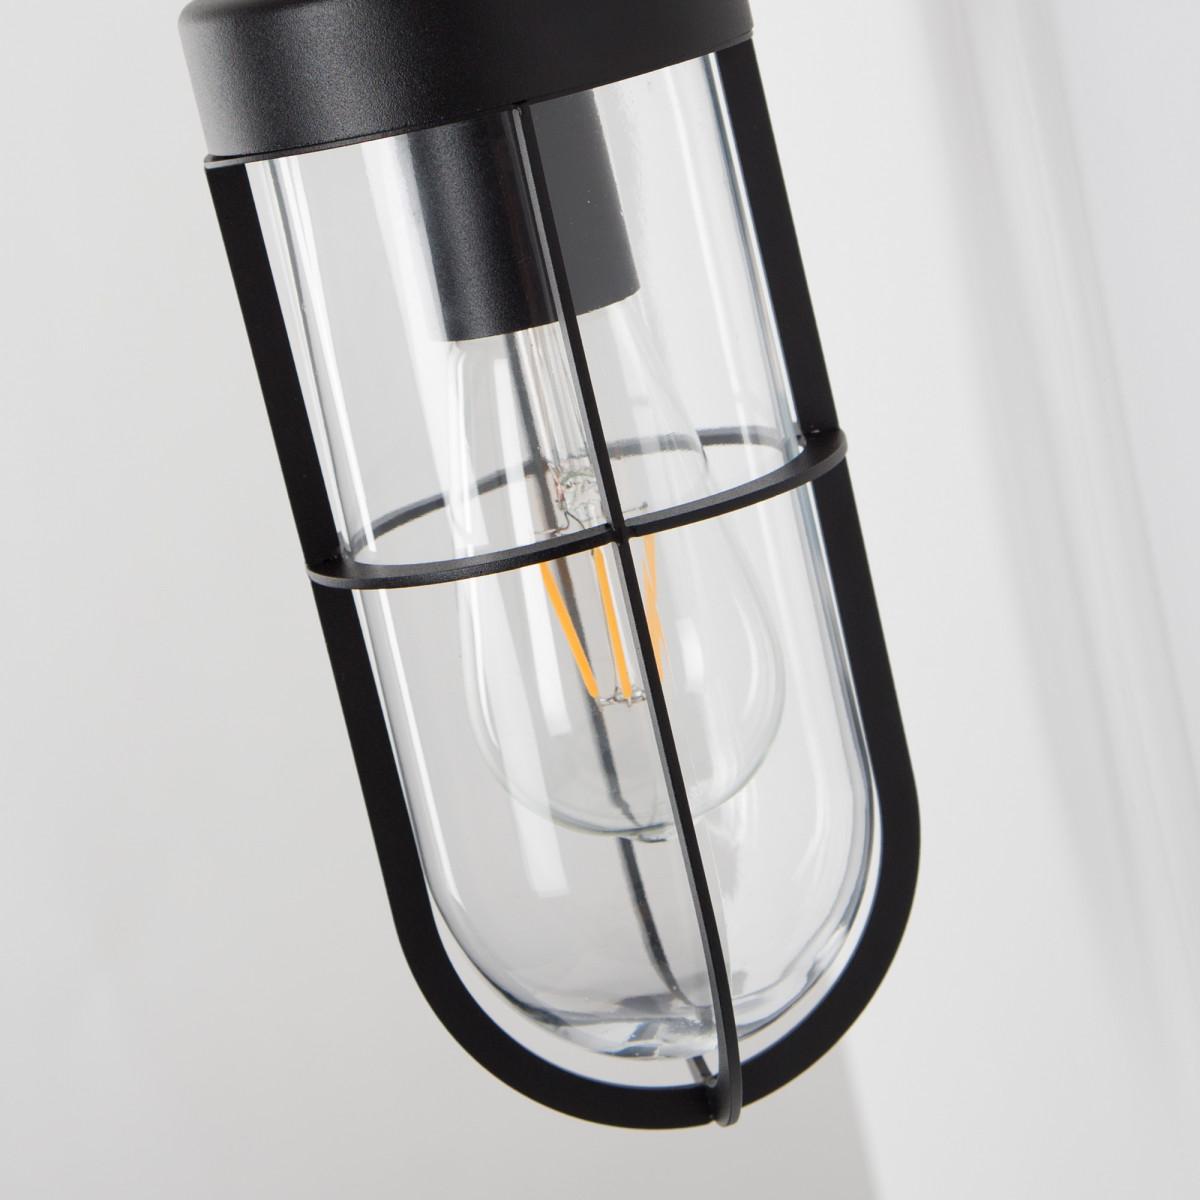 Zwarte buitenlamp voor aan de muur, type stallamp, strak moderne stijl, glazen stolp met raster, frame buis, ronde achterplaat, moderne buitenverlichting